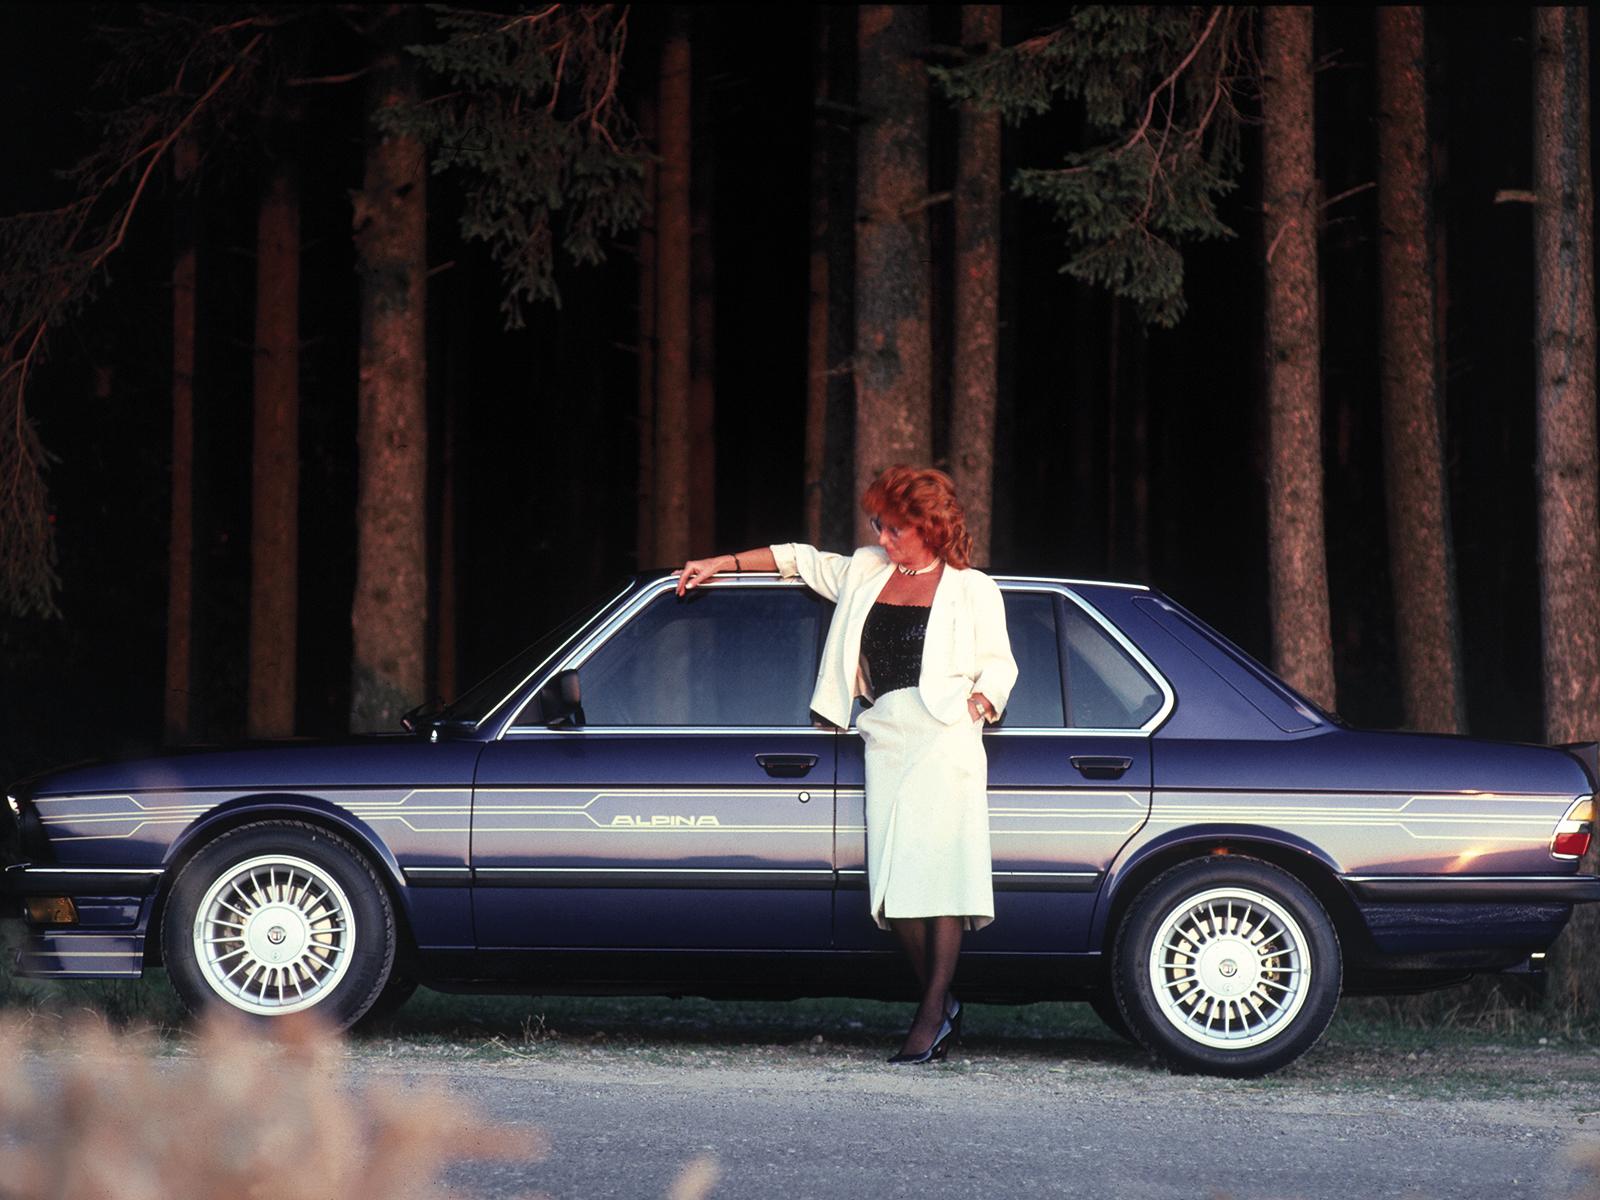 Bmw 5er E28 Alpina Automobiles